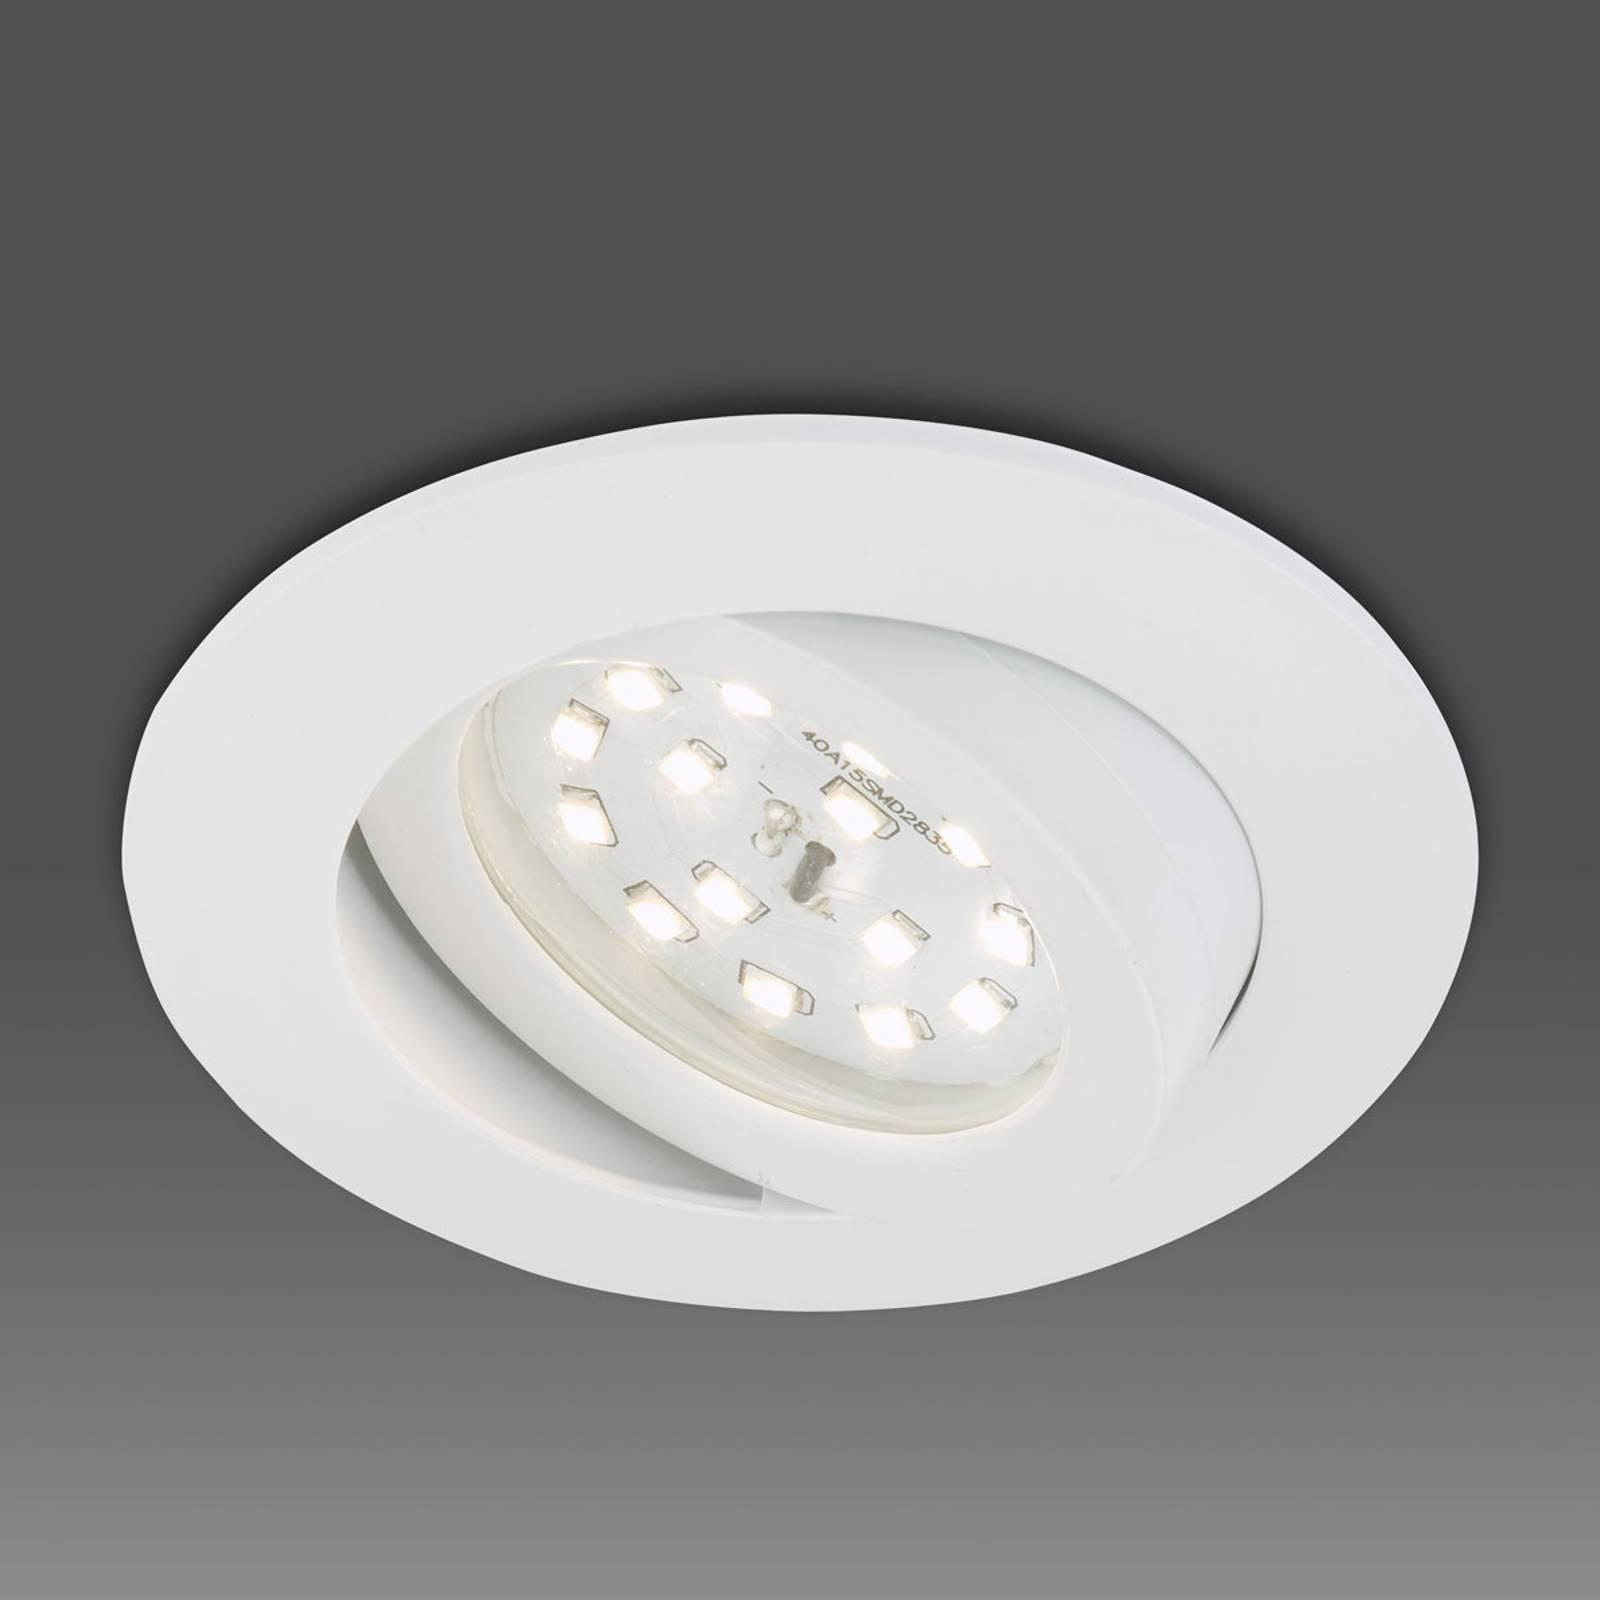 Käännettävä Erik-LED-uppokohdevalaisin valkoisena